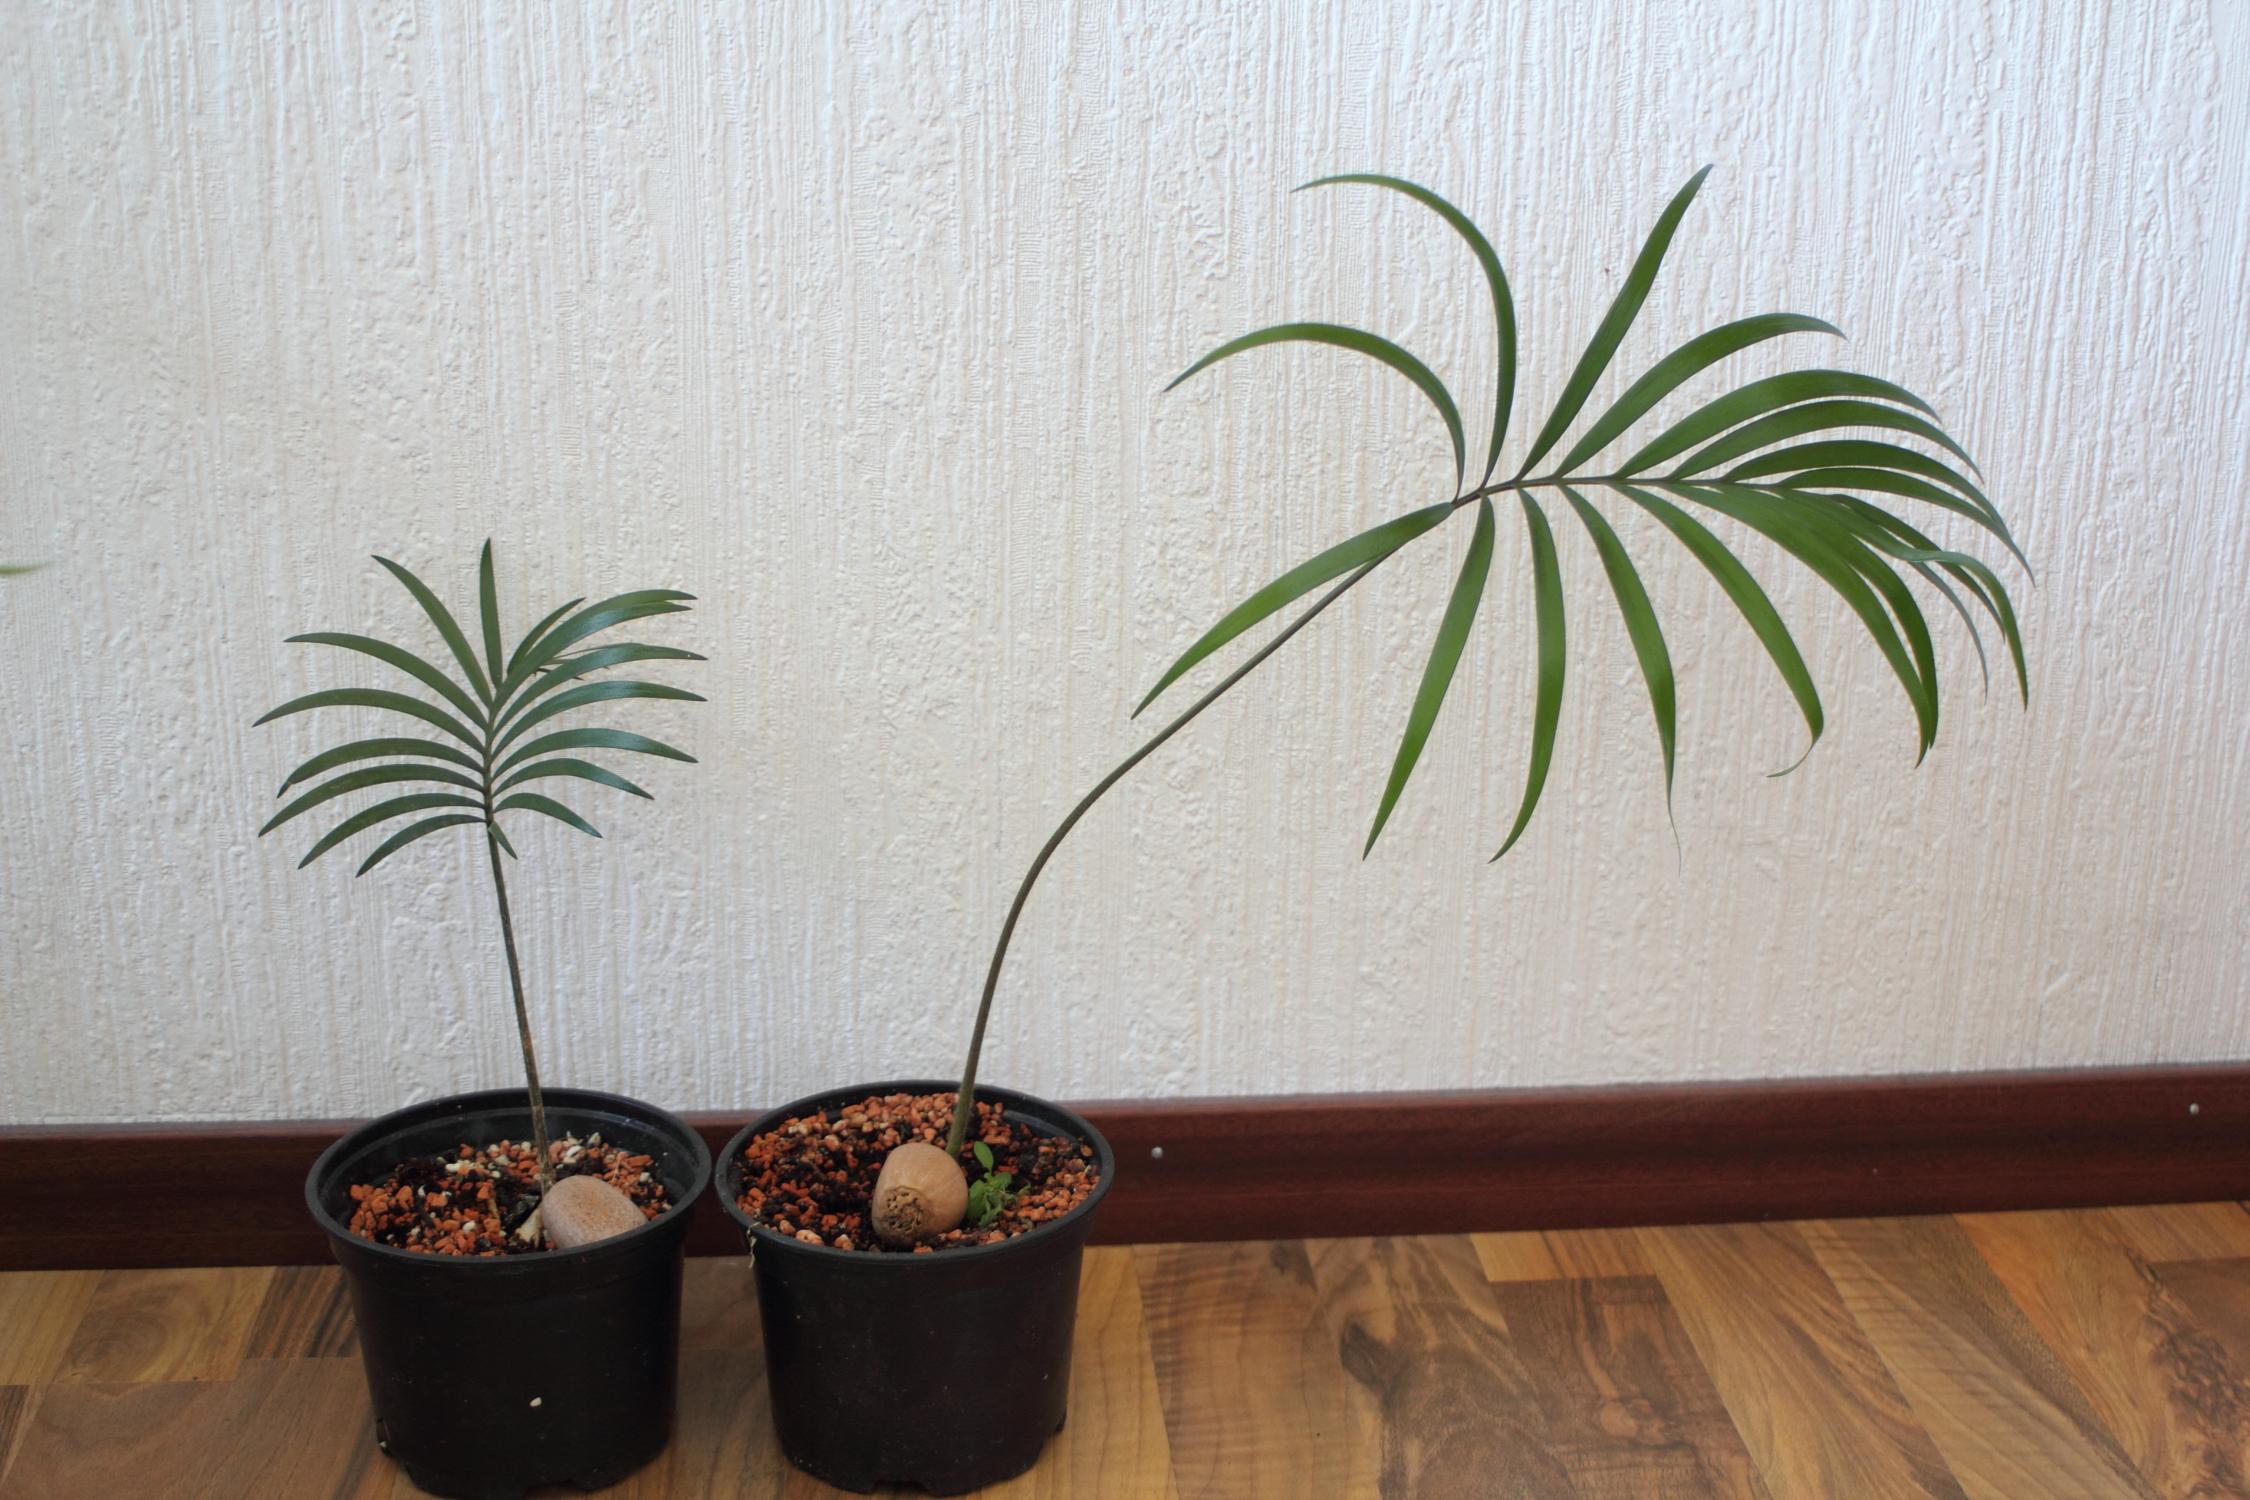 Vergeilter Palmfarn.JPG